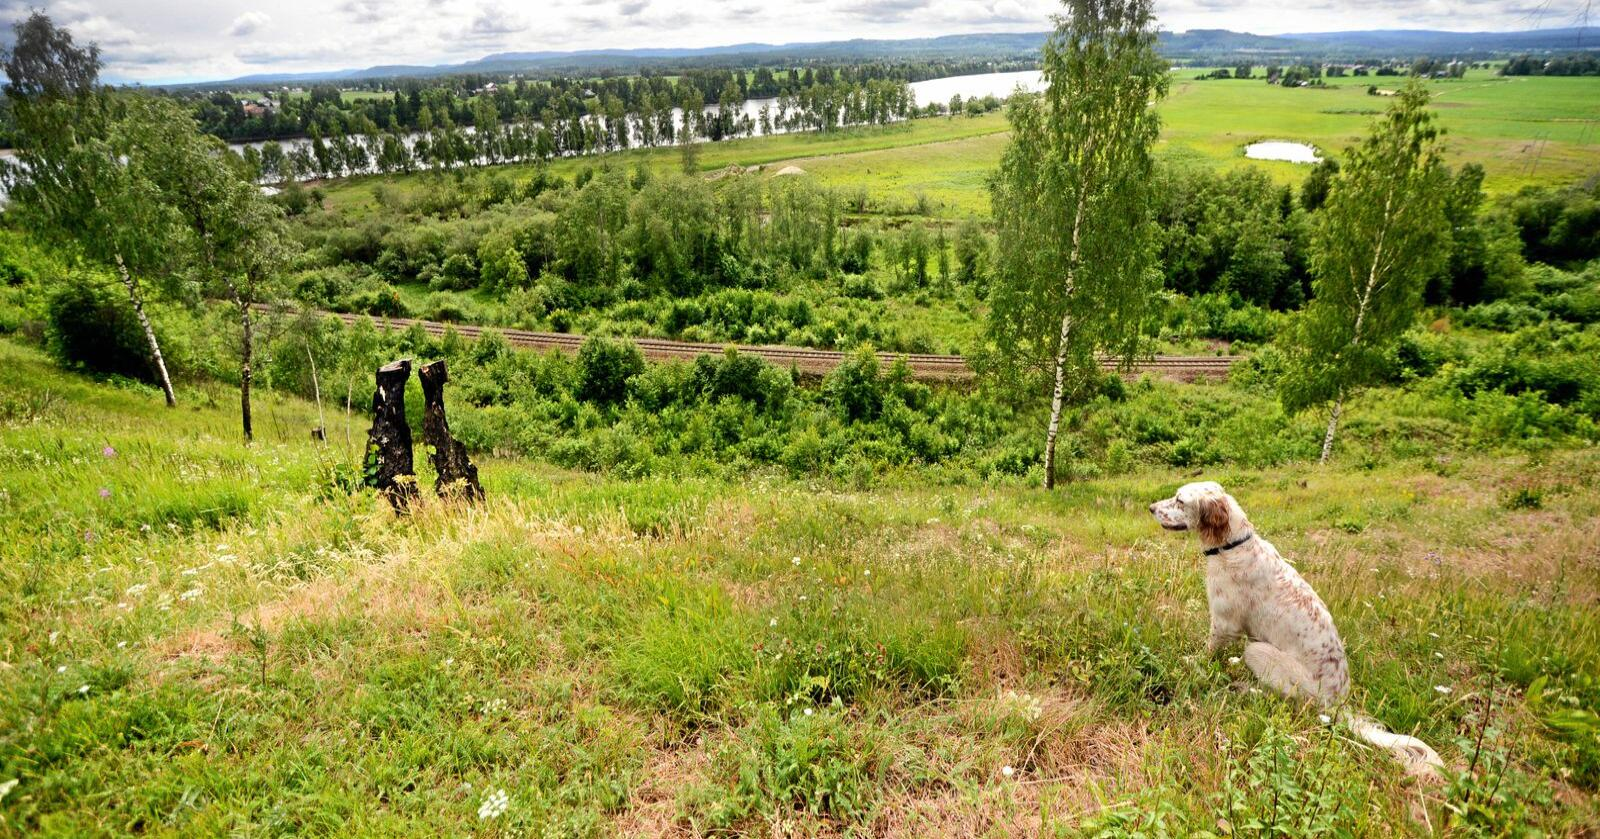 Flere organisasjoner vil ha strengere regler for vindkraftutbygging i landet, og større vern av natur. Foto: Siri Juell Rasmussen